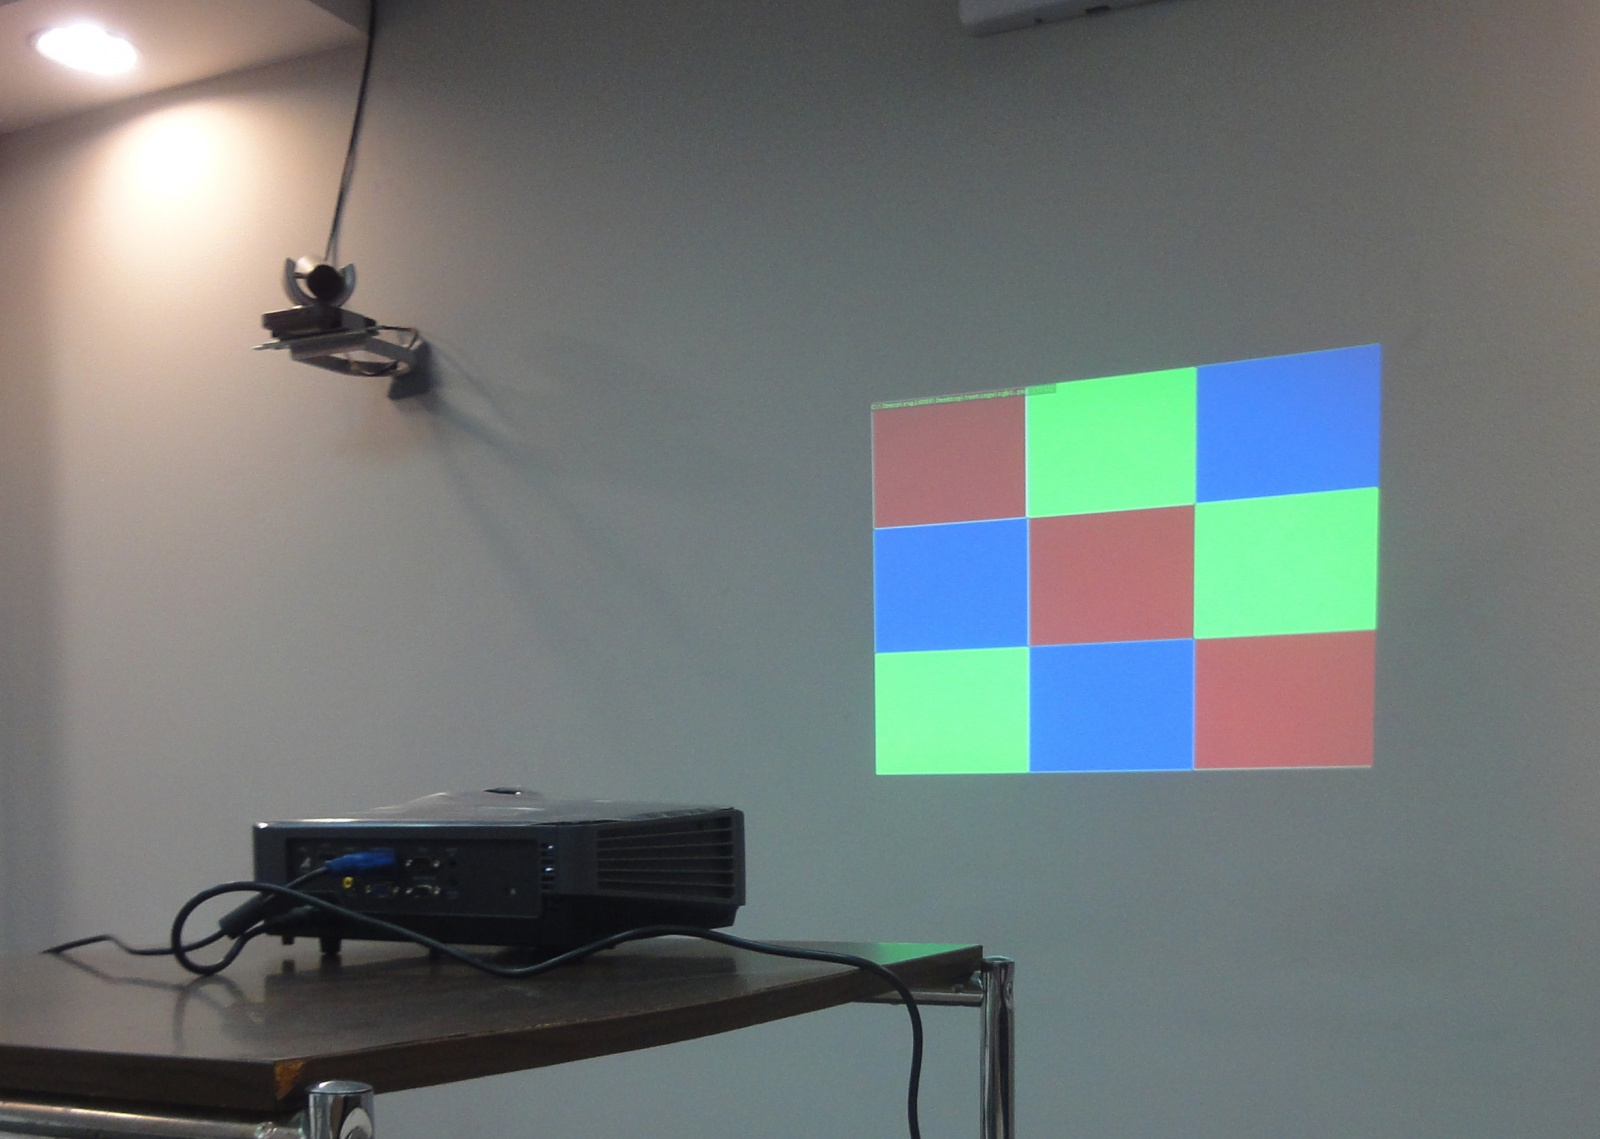 Как выбрать домой проектор